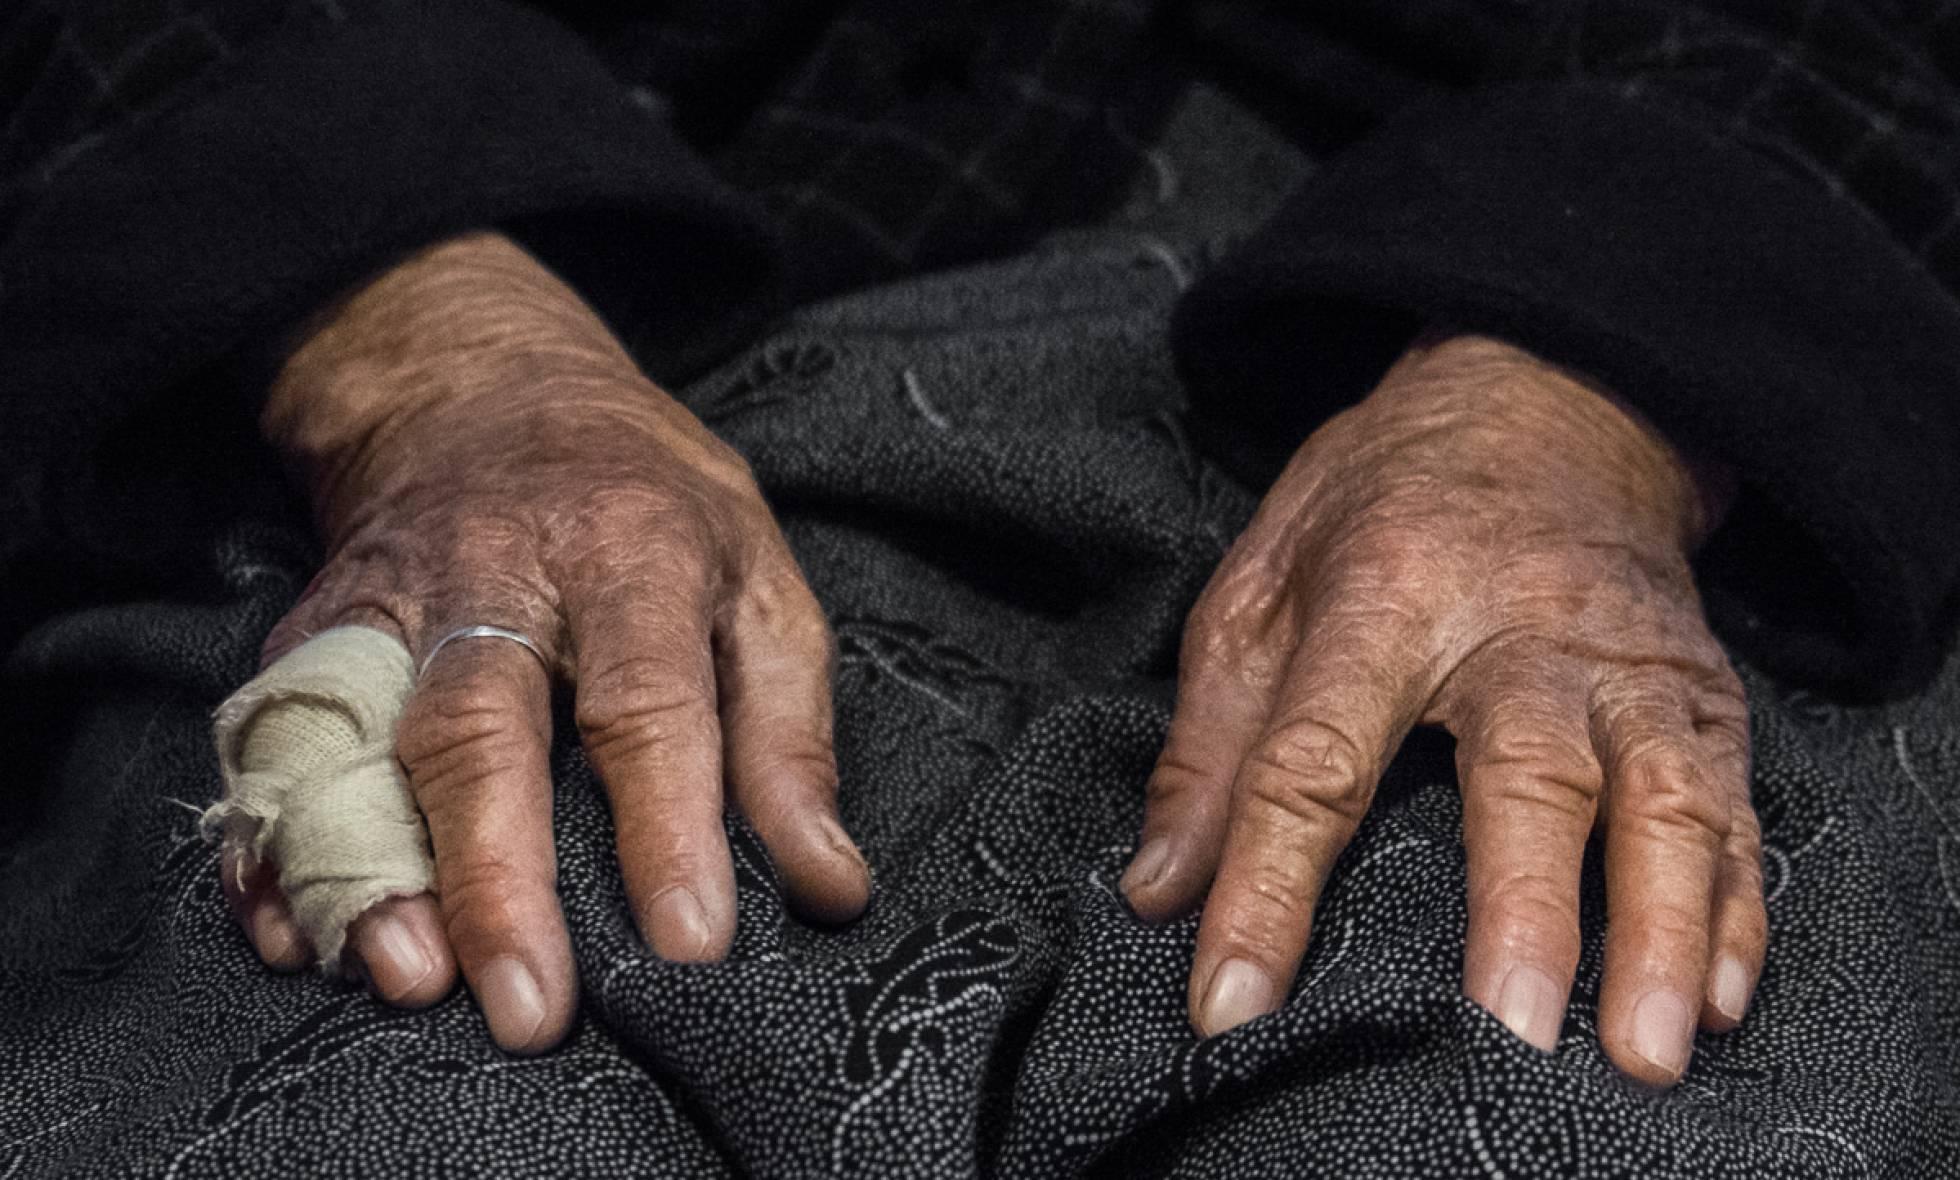 sta anciana llegó a Grecia cruzando el Egeo en balsa sin nadie que la acompañara. Bruno Abarca